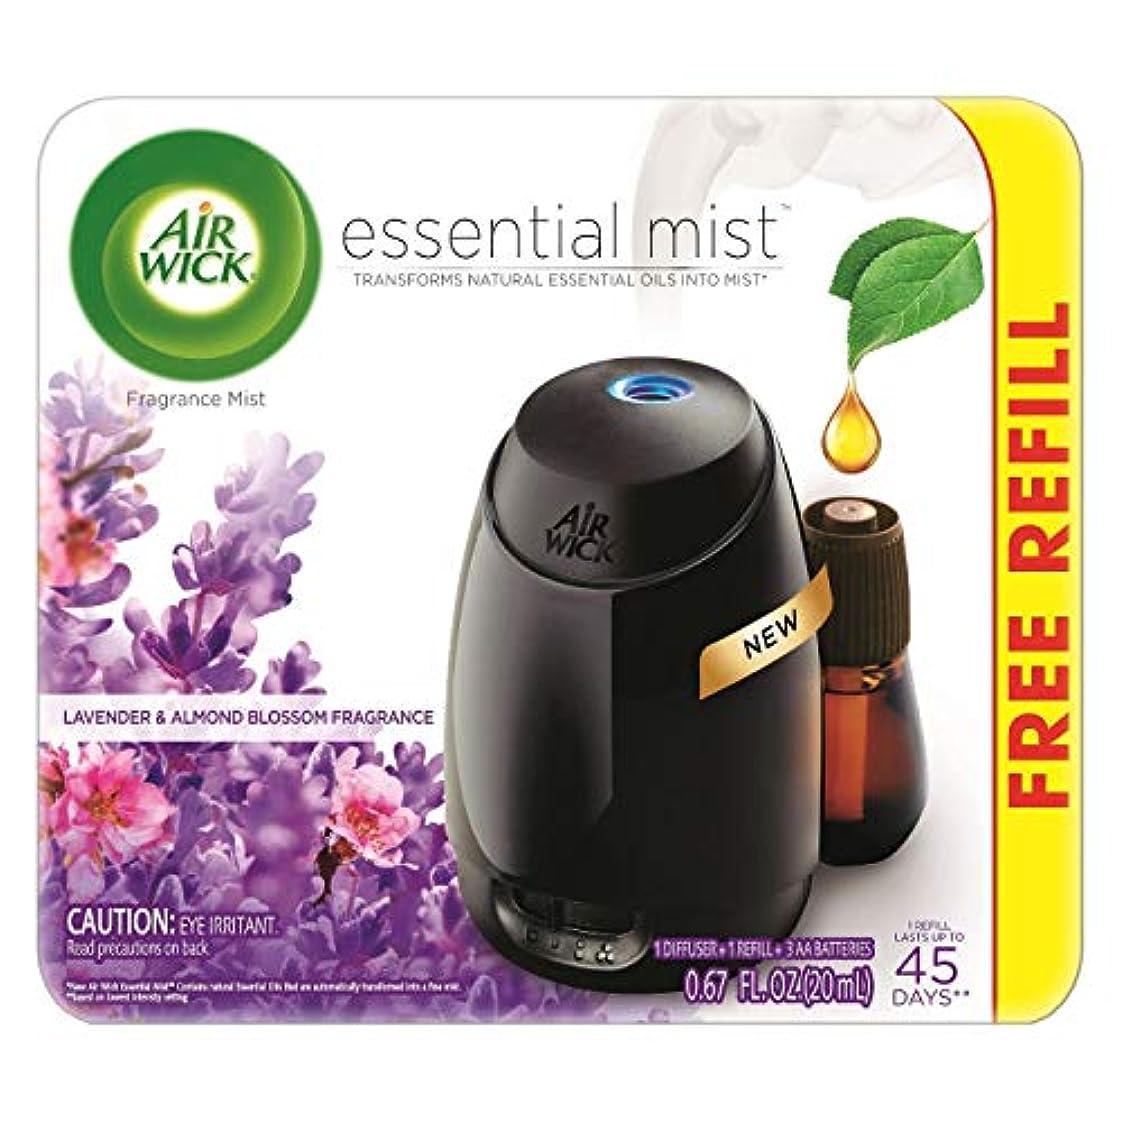 軽く純正動的Air Wick Fresh Lavender & Almond Blossom Fragrance Essential エアーウィックフレッシュフレグランスエッセンシャルミスト本体+ ラベンダー&アーモンドブロッサム...